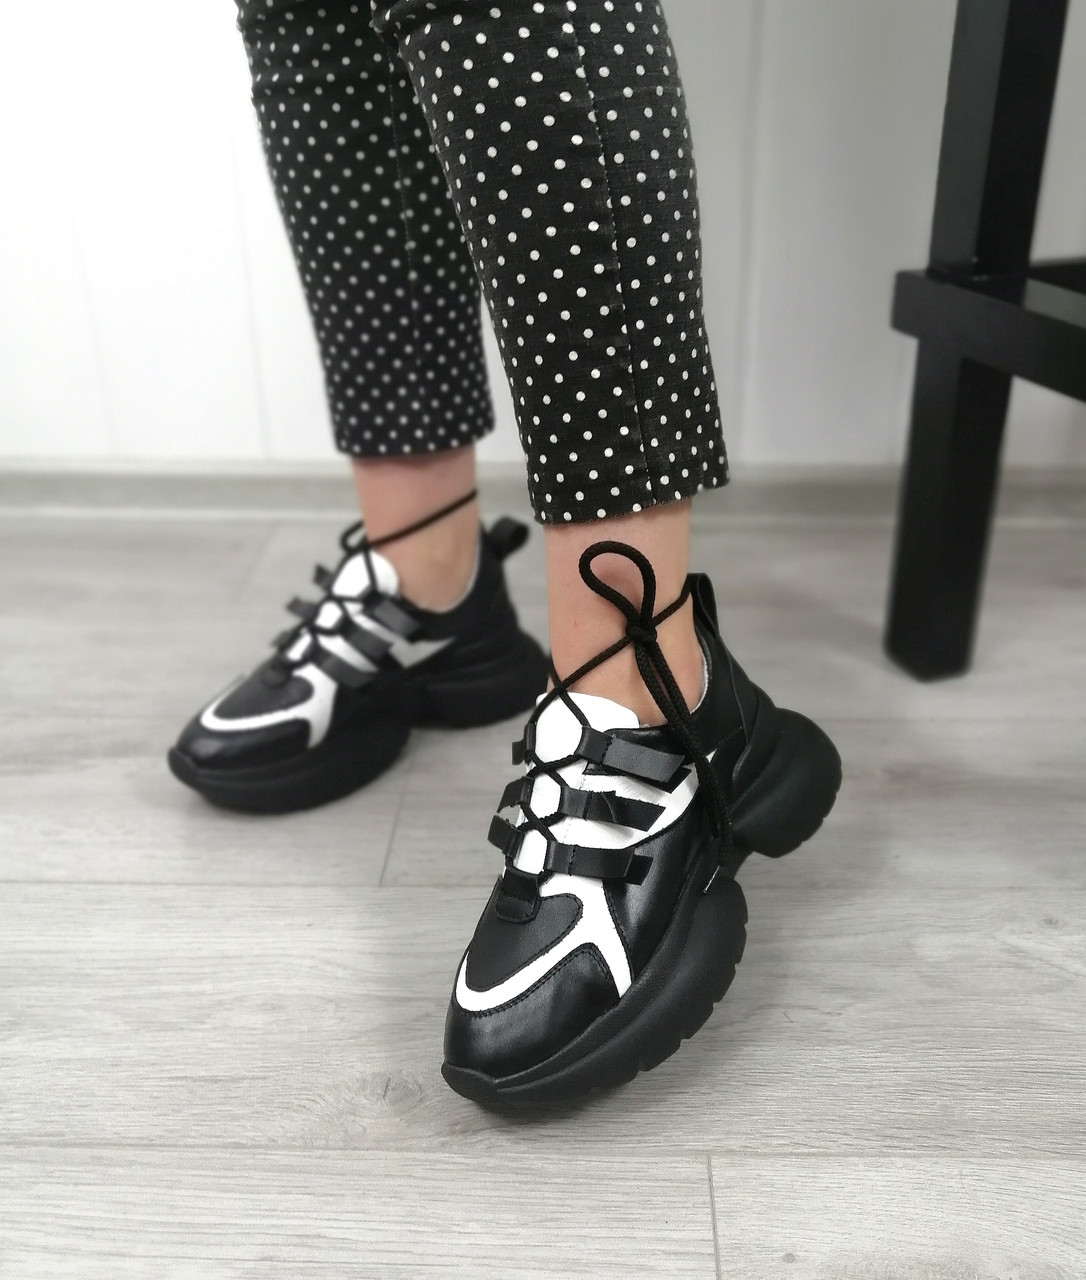 Комбинированные молодежные кроссовки от производителя